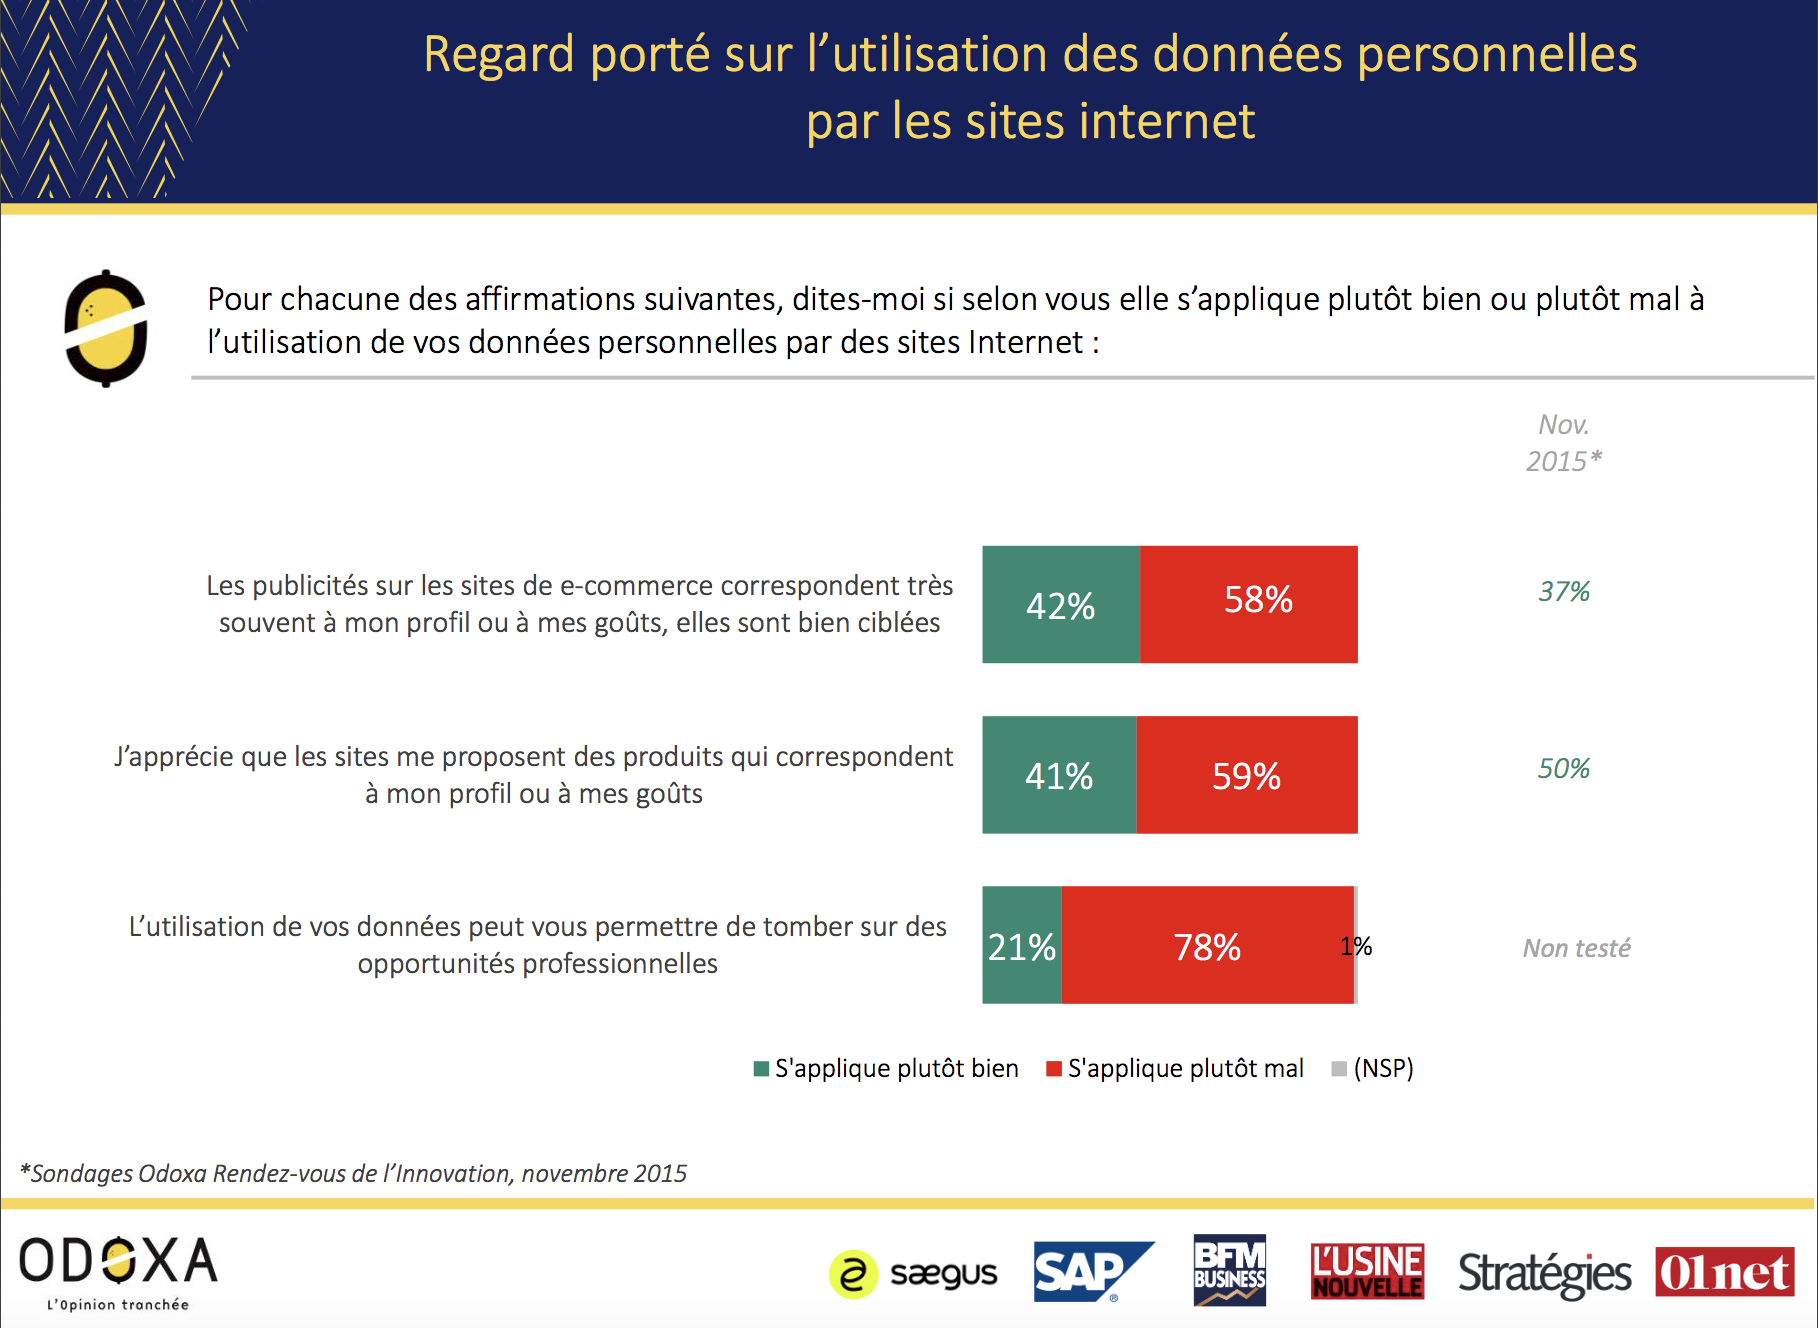 Visuel sur le regard porté sur l'utilisation des données personnelles par les sites internet